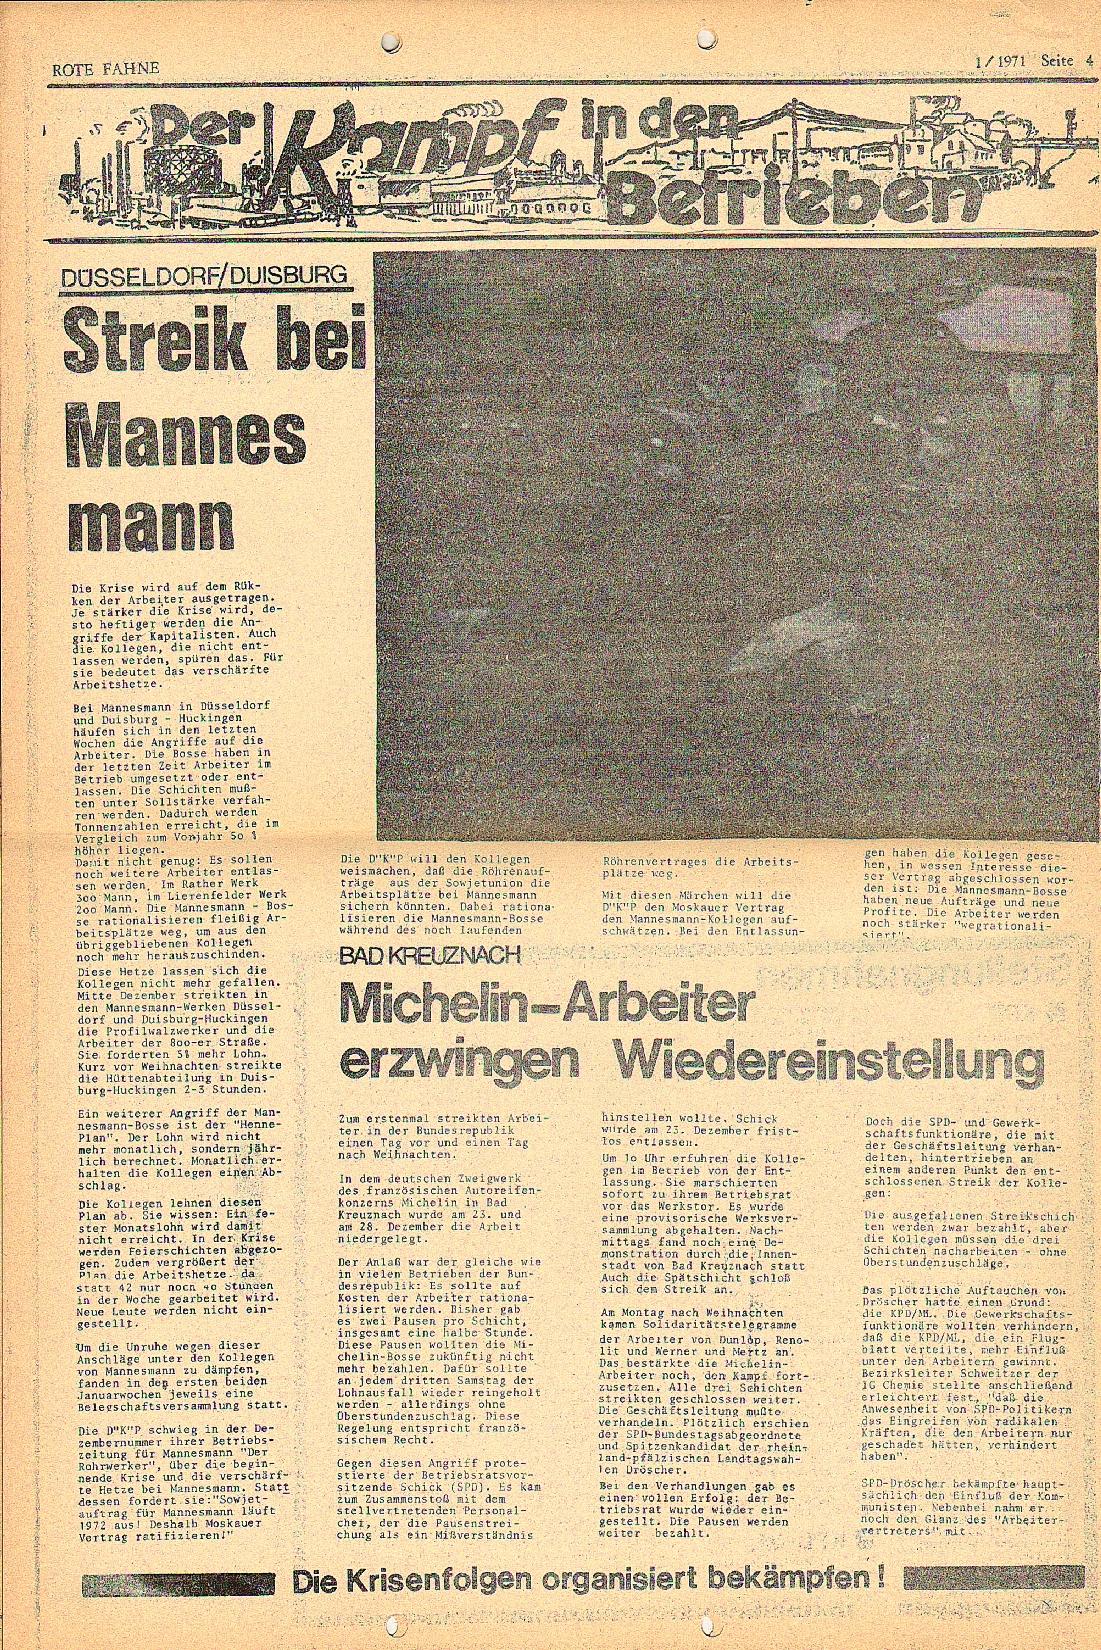 Rote Fahne, 2. Jg., 18.1.1971, Nr. 1, Seite 4